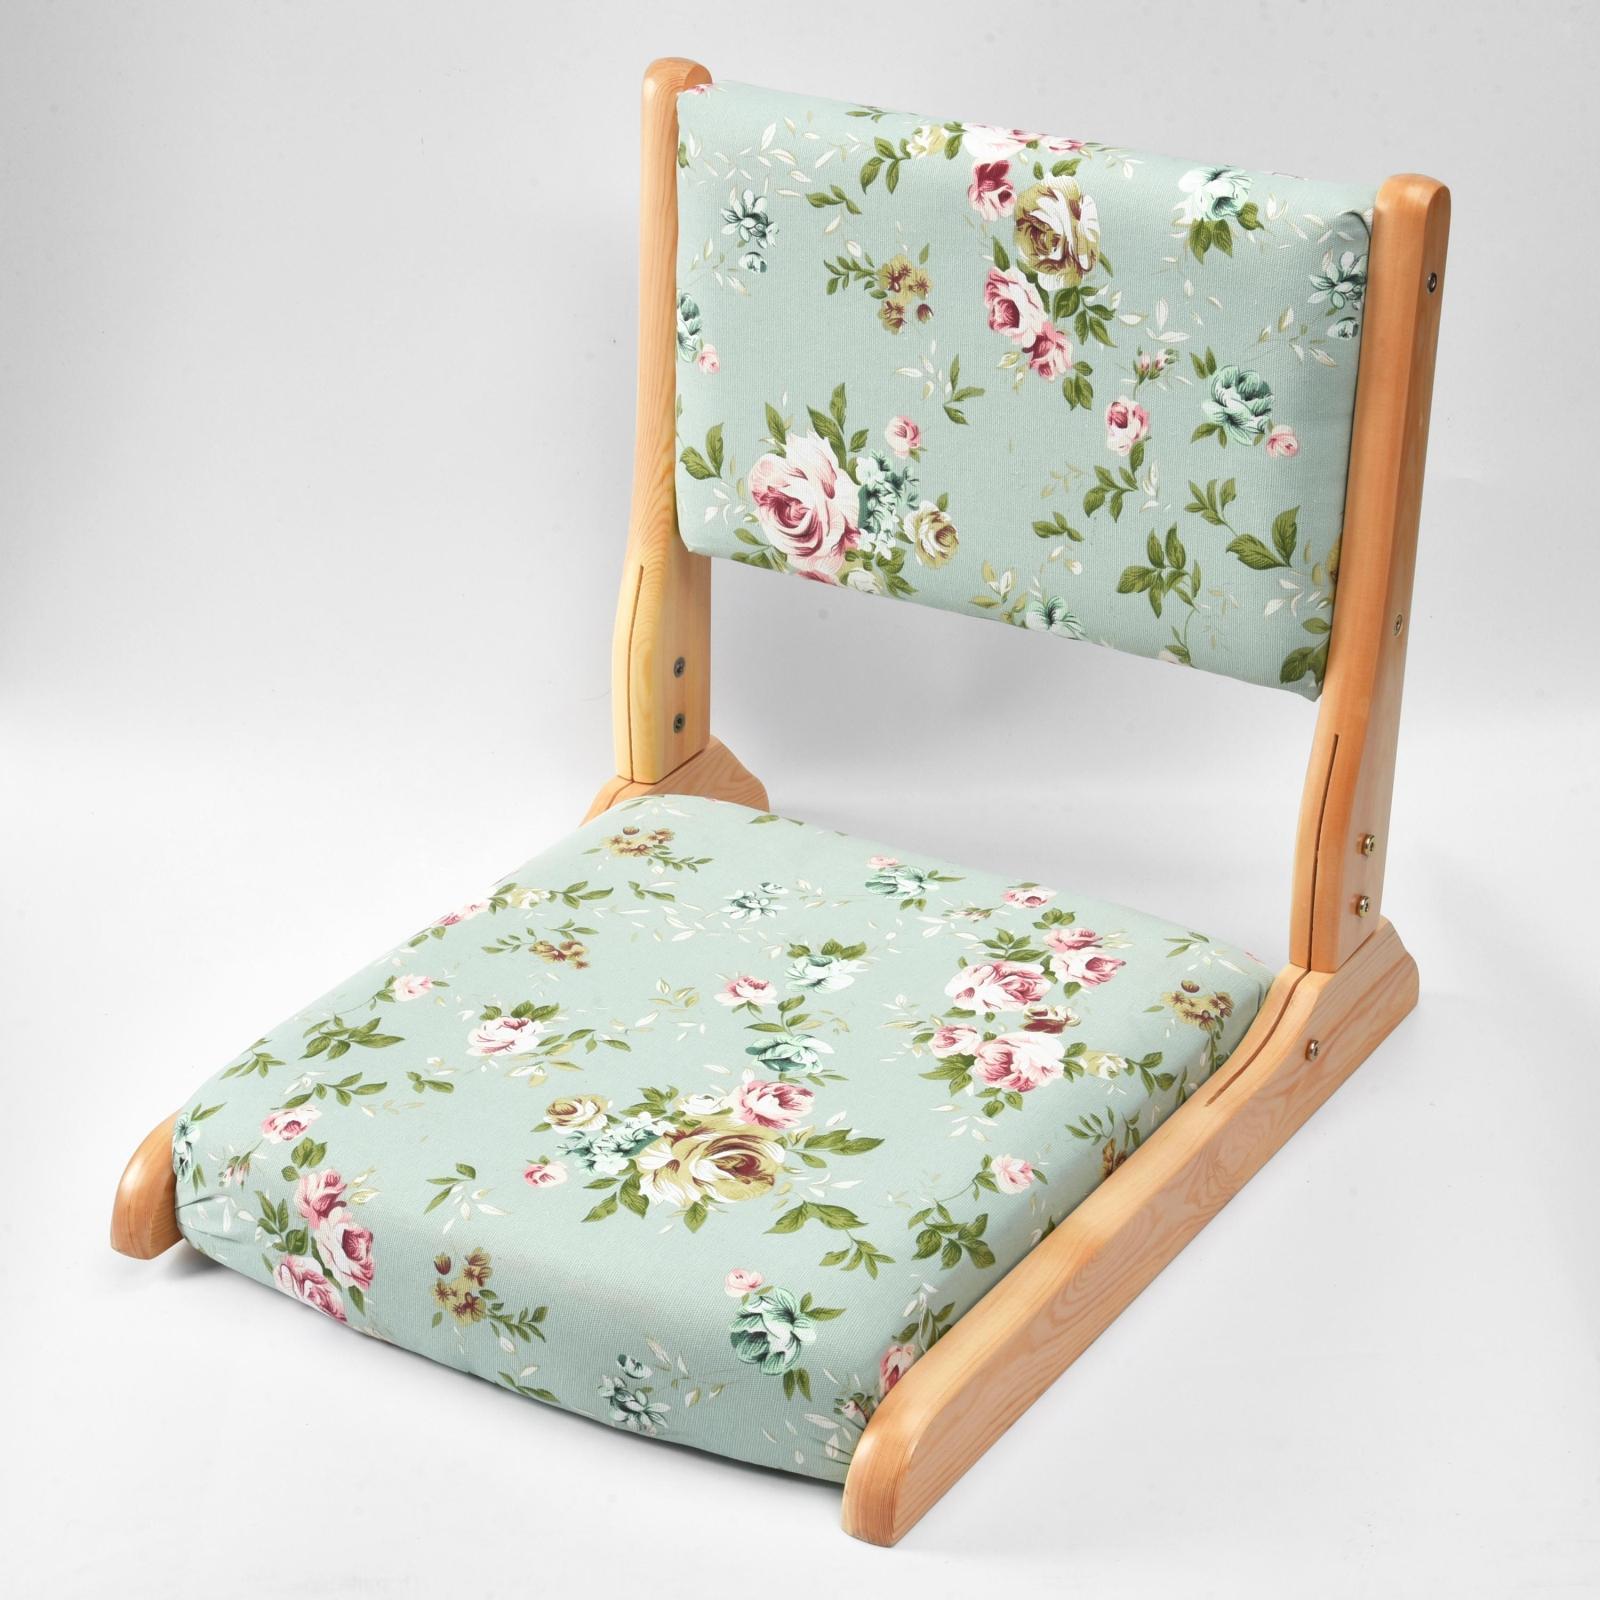 Татами дерево японский мебель спокойный комната стул нет нога стул спинка этаж стул складной стул зеленый эркер